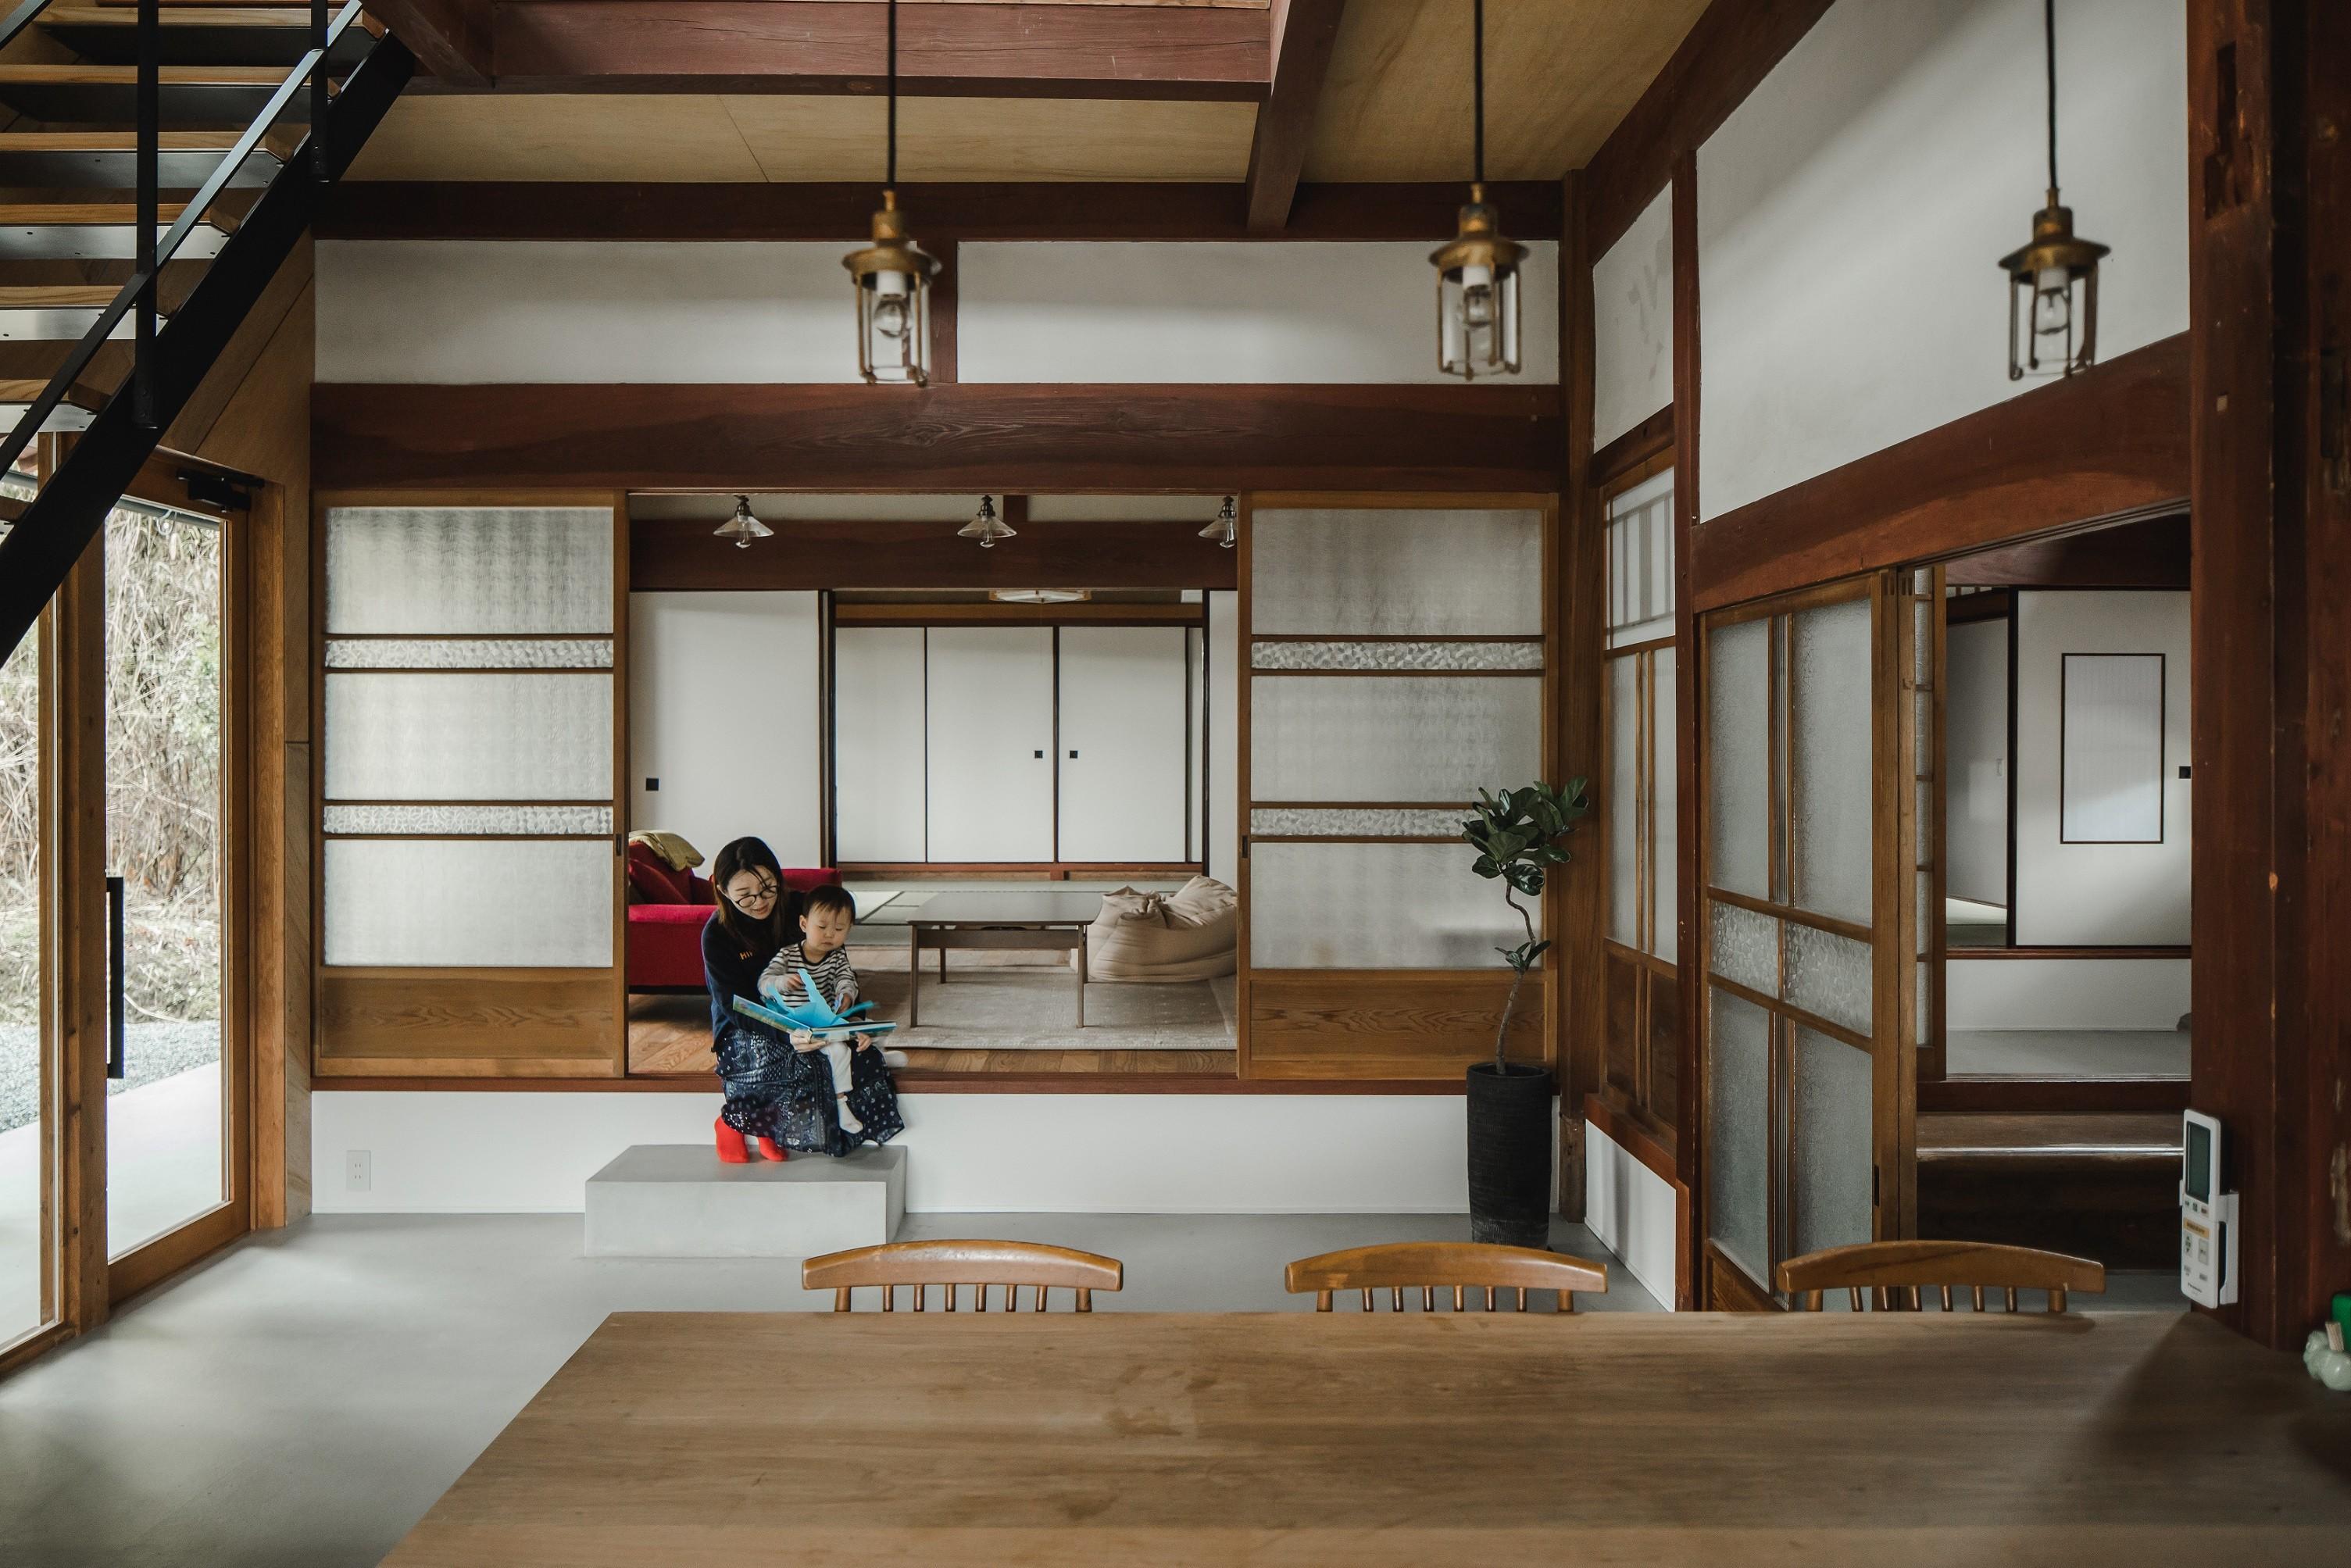 リビングダイニング事例:リビング(古民家カフェみたいな日本家屋リノベーション(下戸山の家リノベーション))